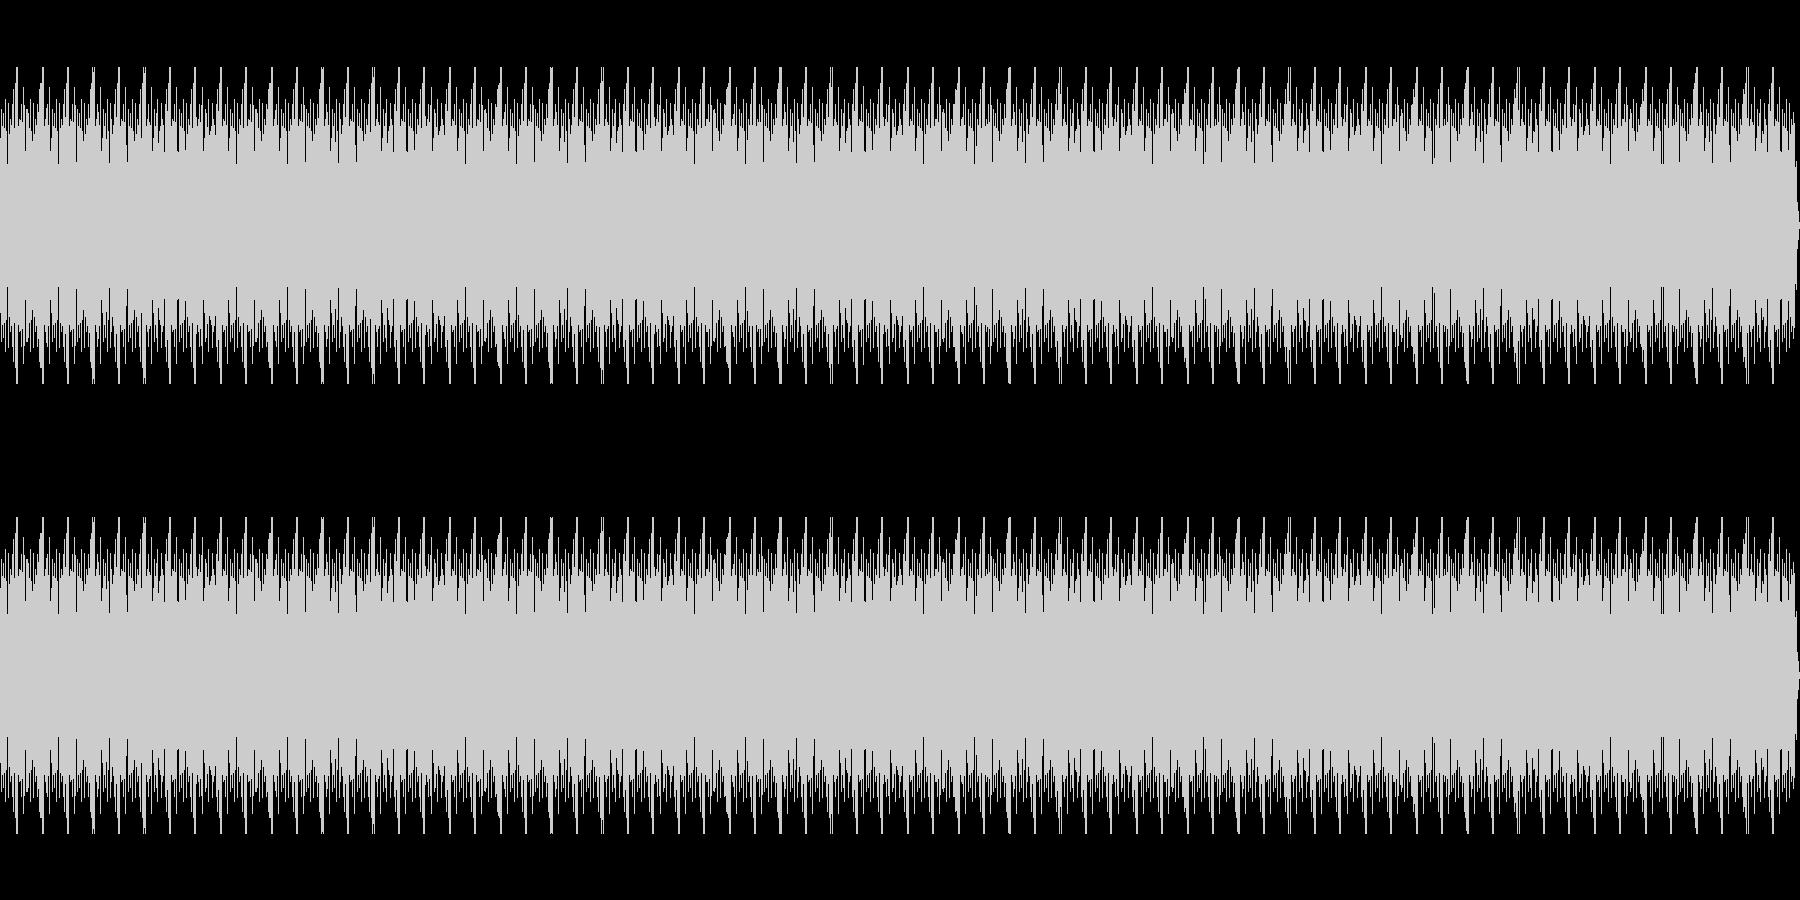 ゴー(水中にいる時のノイズ)の未再生の波形